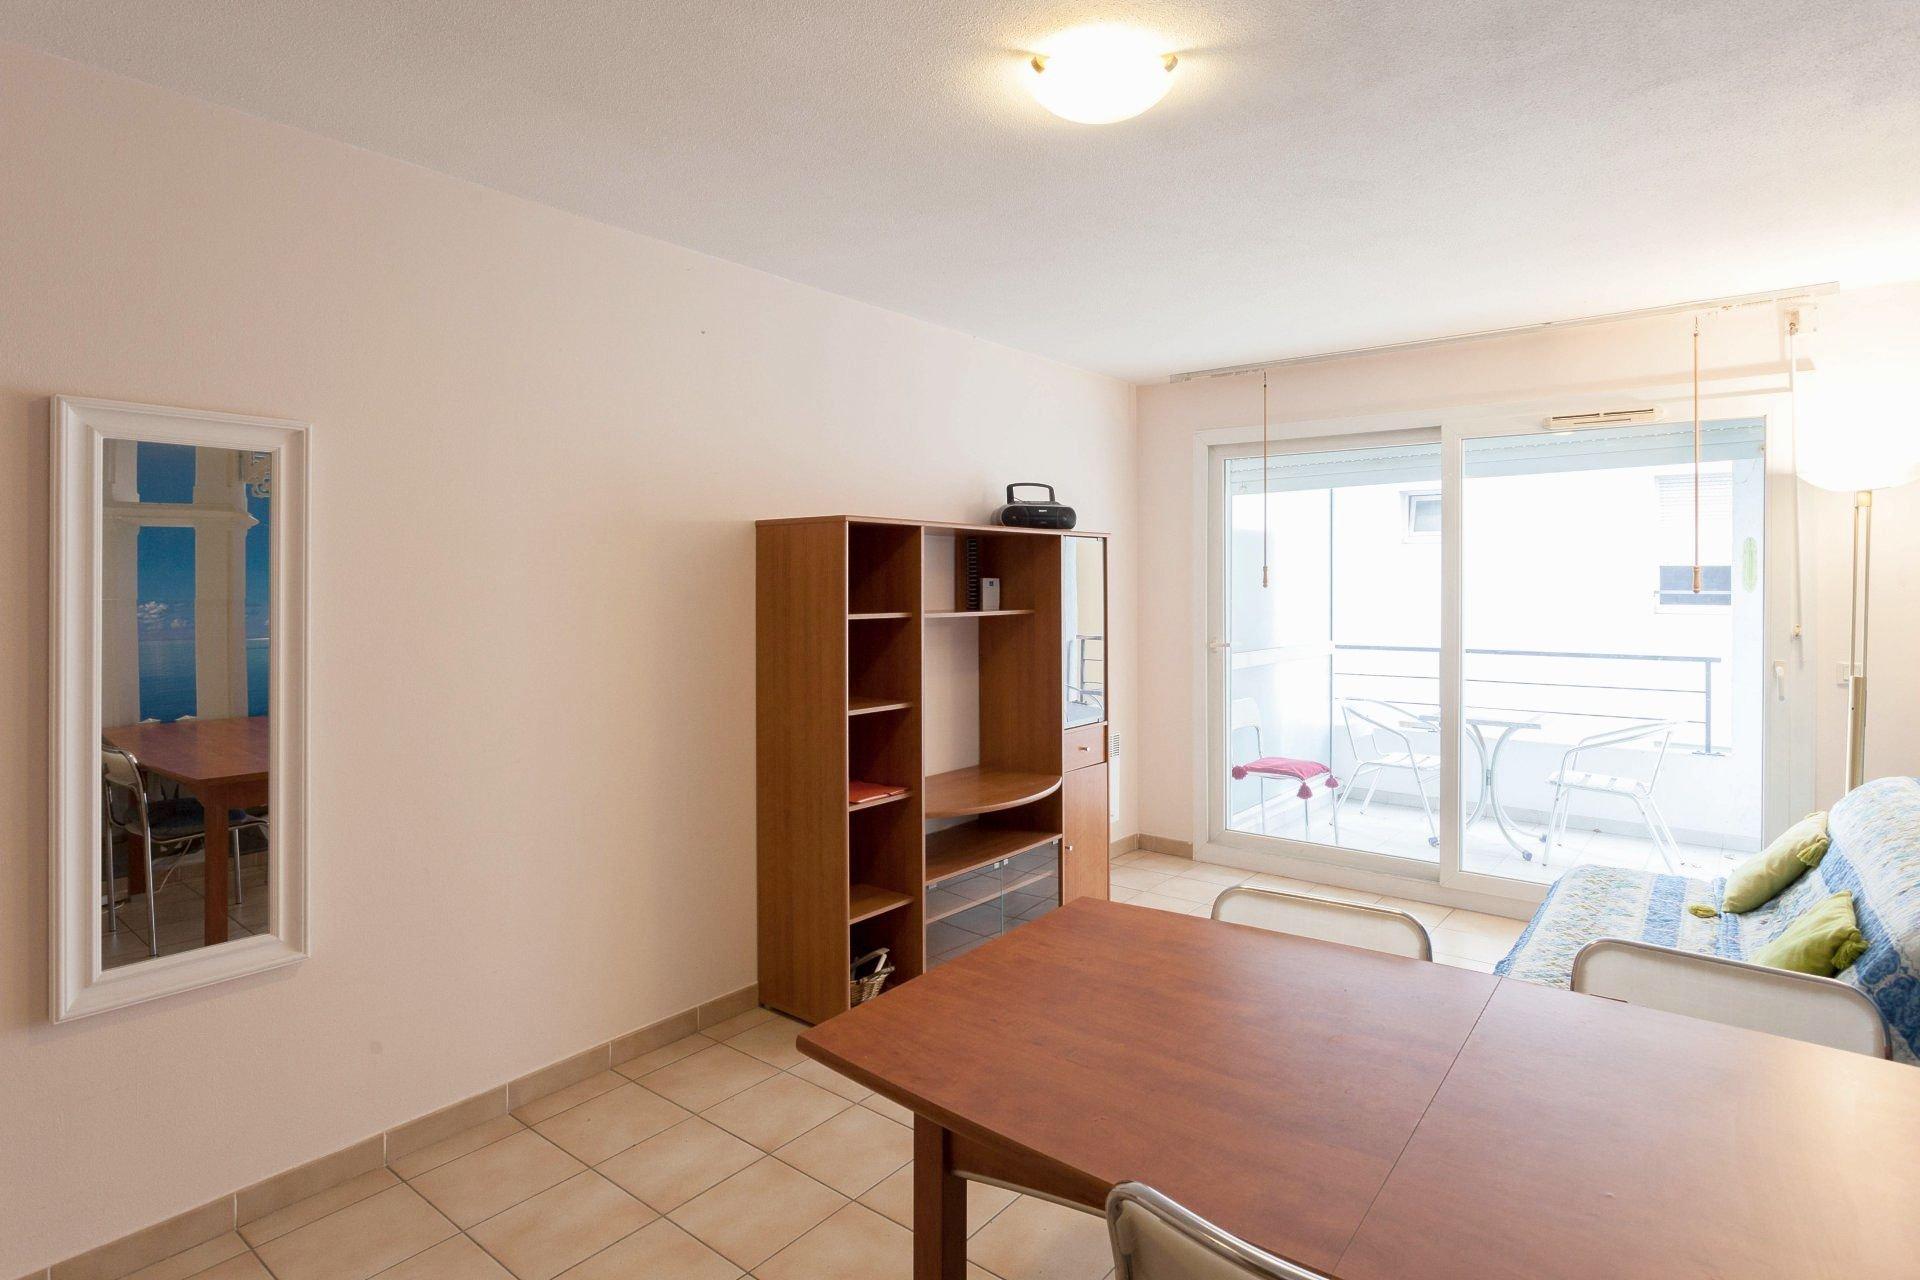 Appartement 2 pieces, coeur de Nice, bd Carabacel